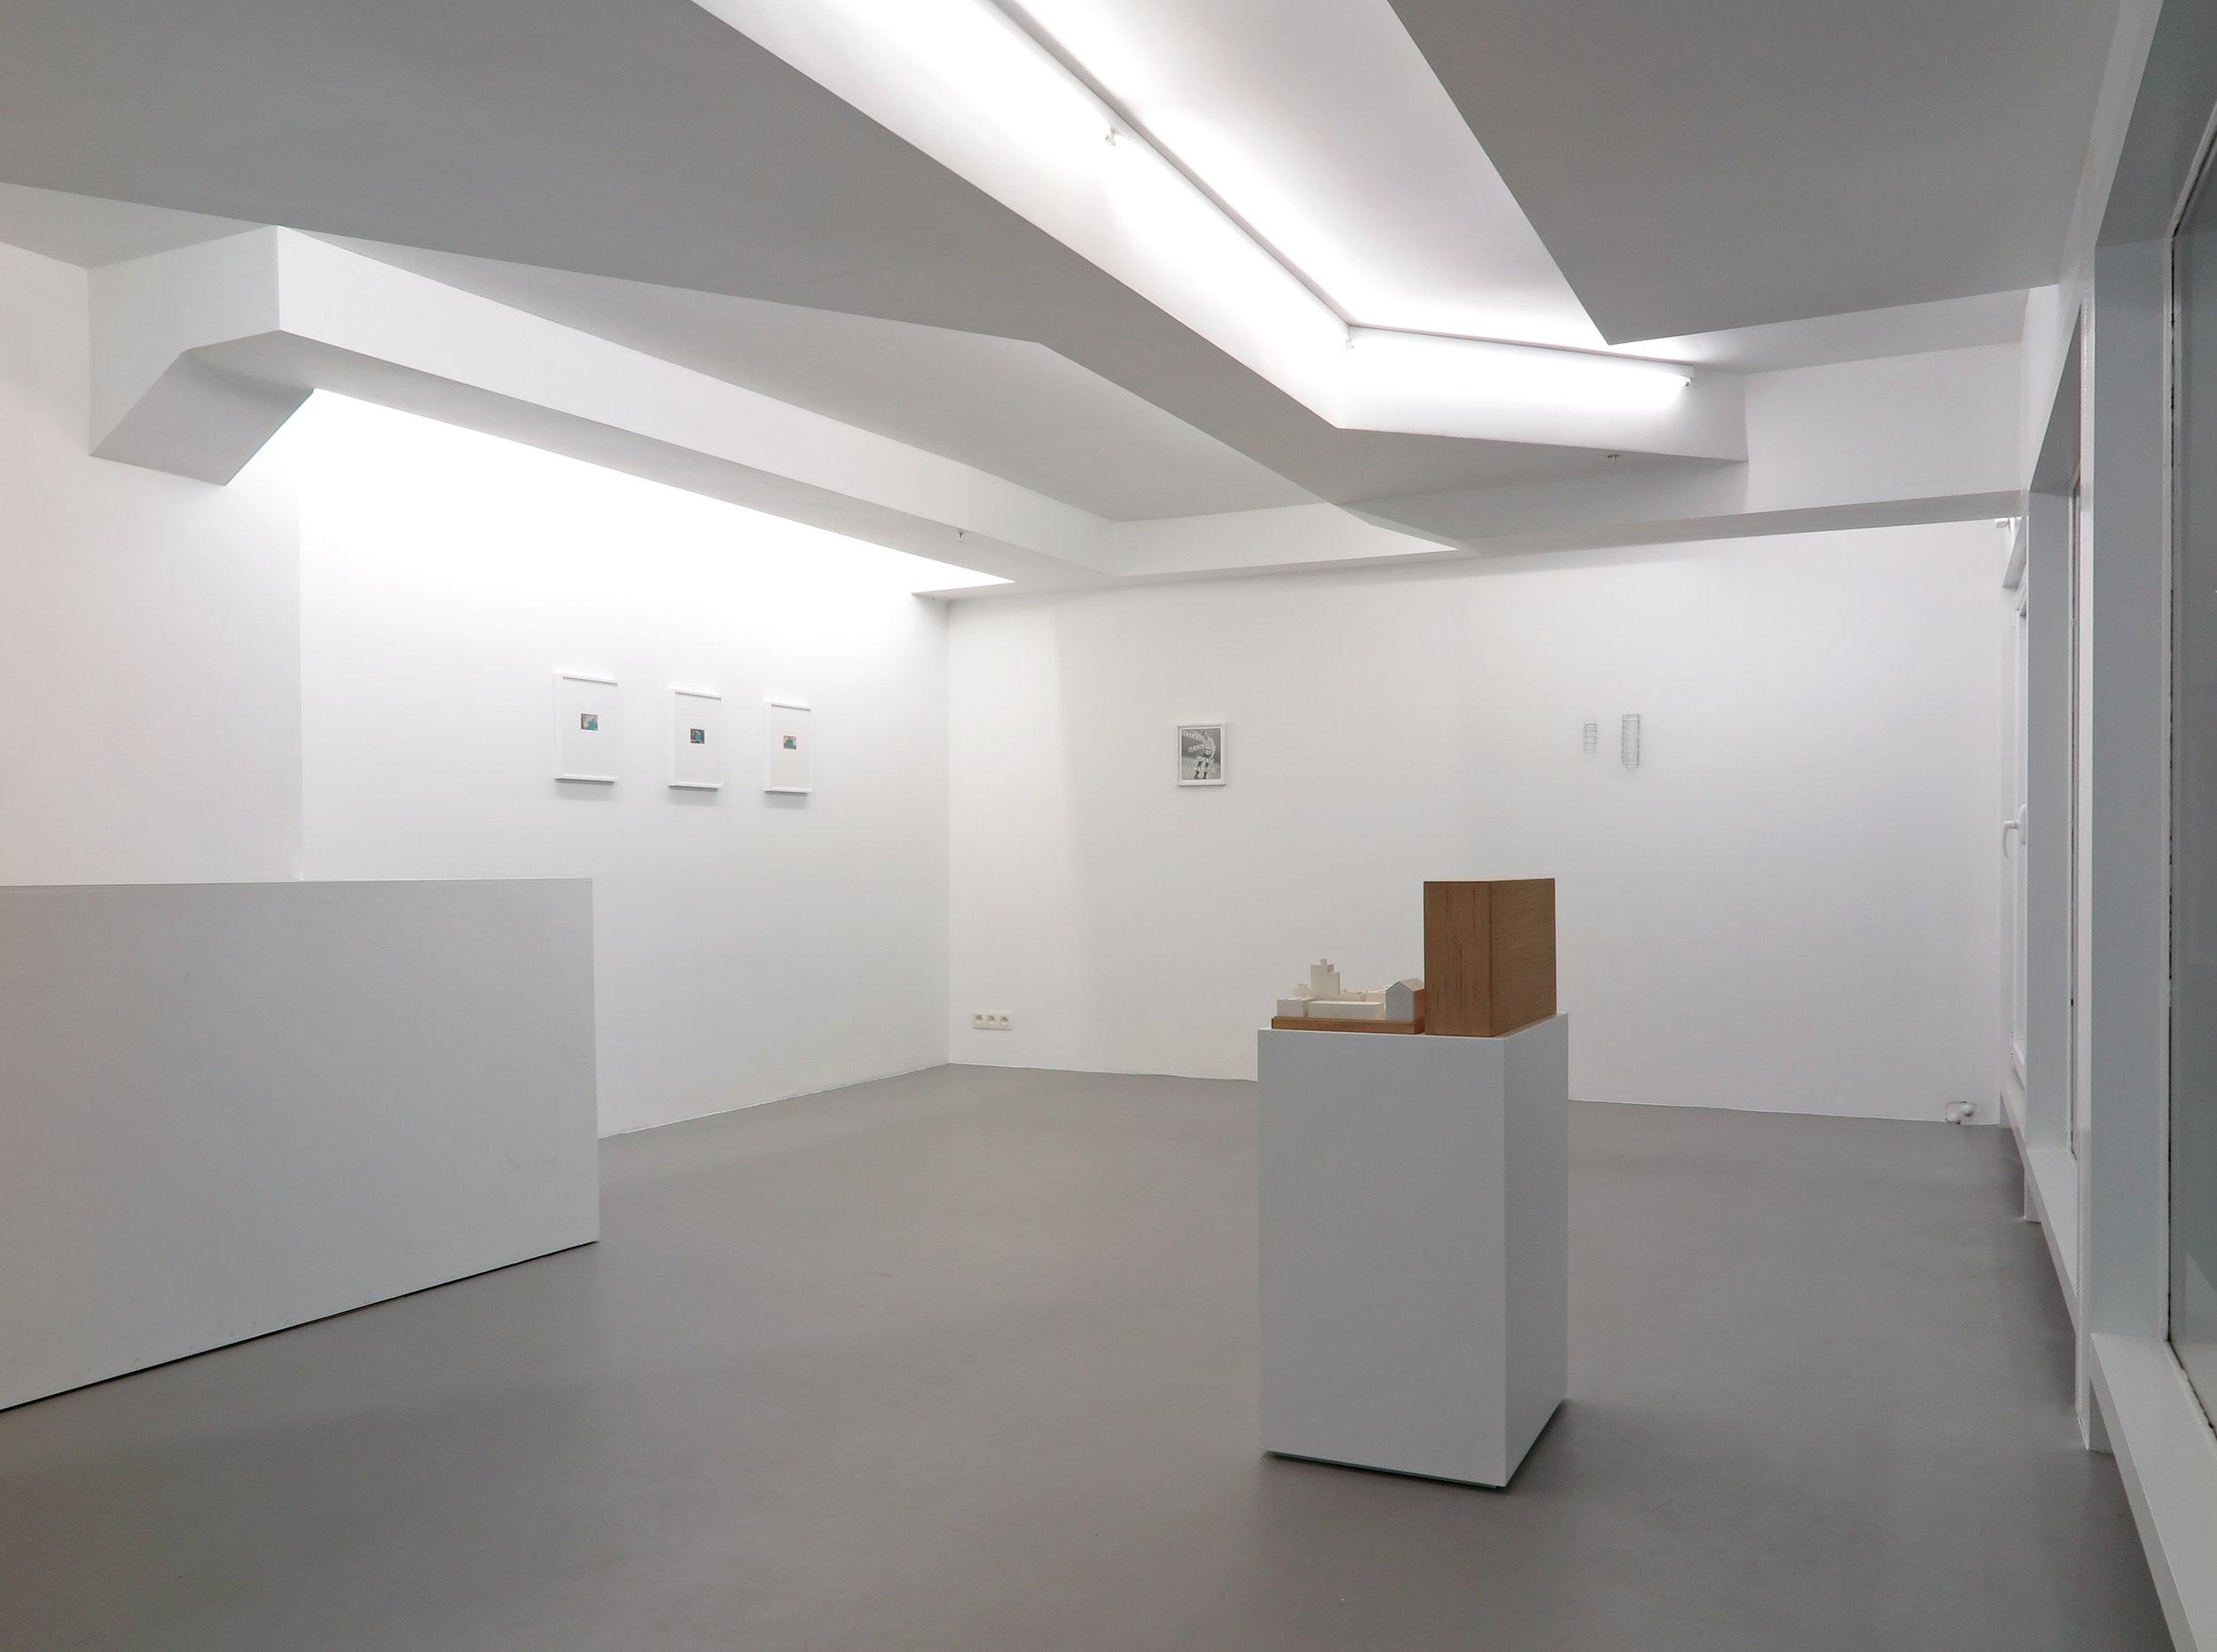 Parfois l'enigme, group show Exhibition view (detail)